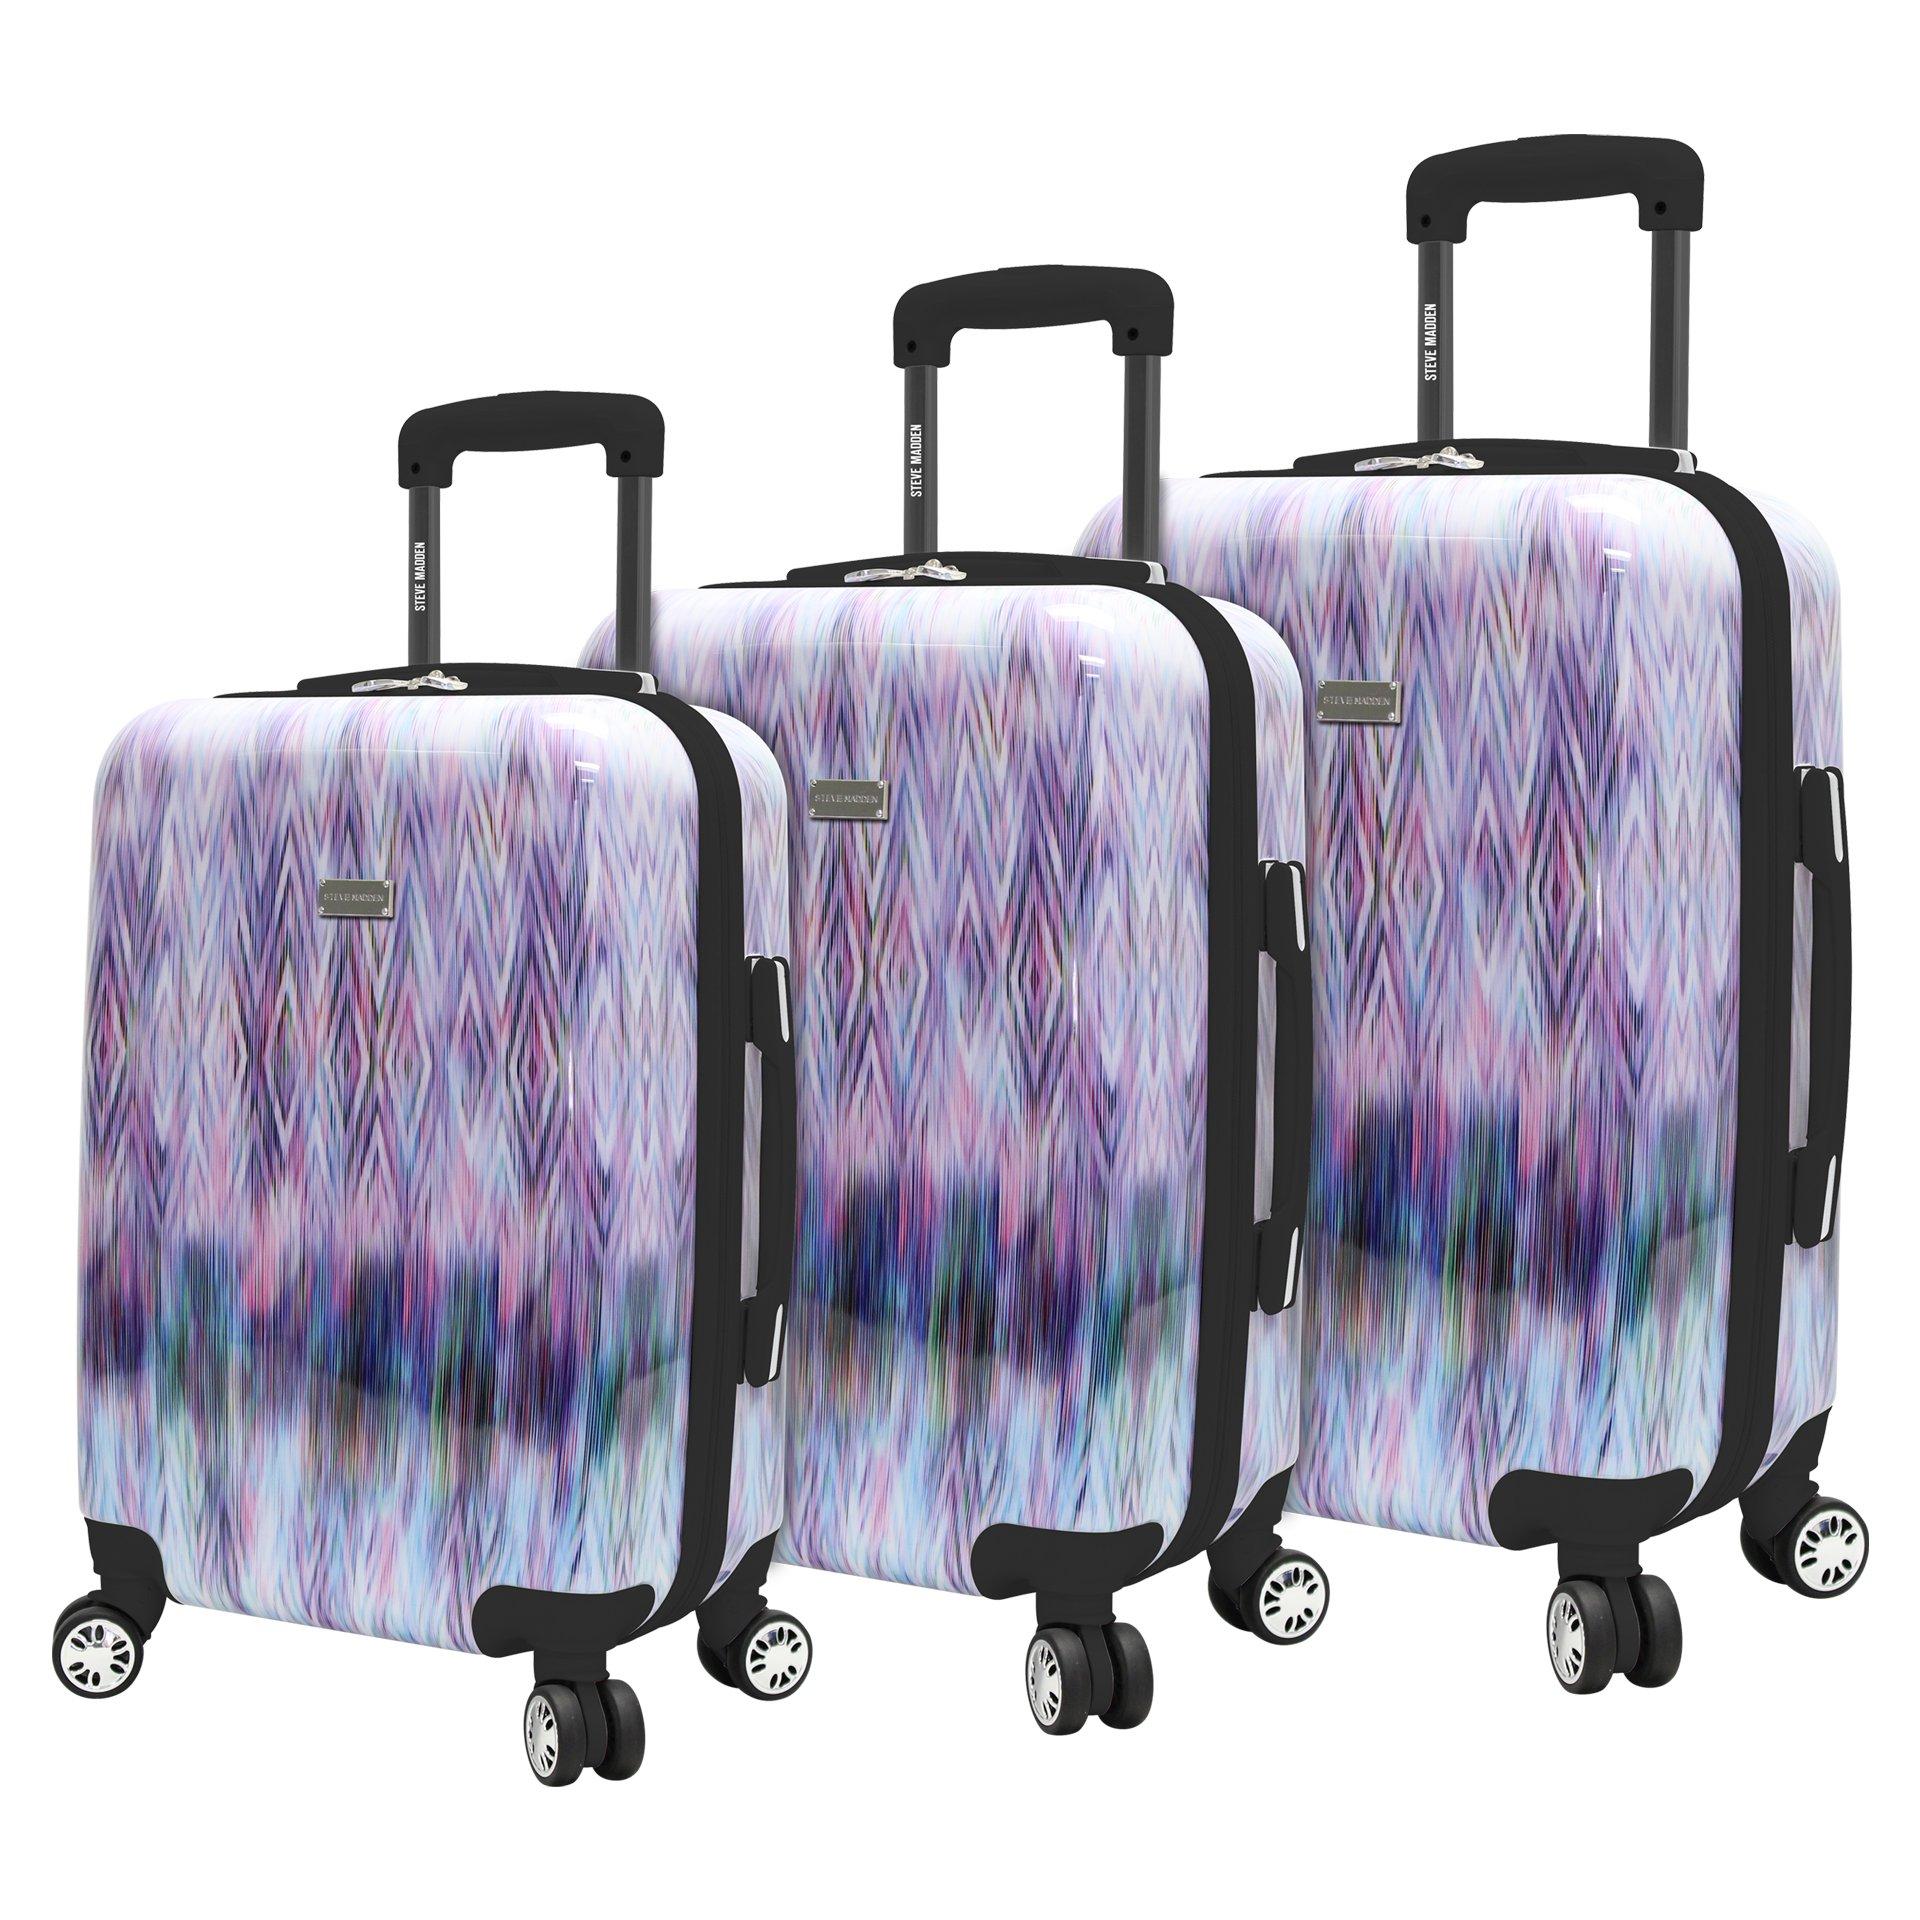 Steve Madden Luggage Spinner Diamond